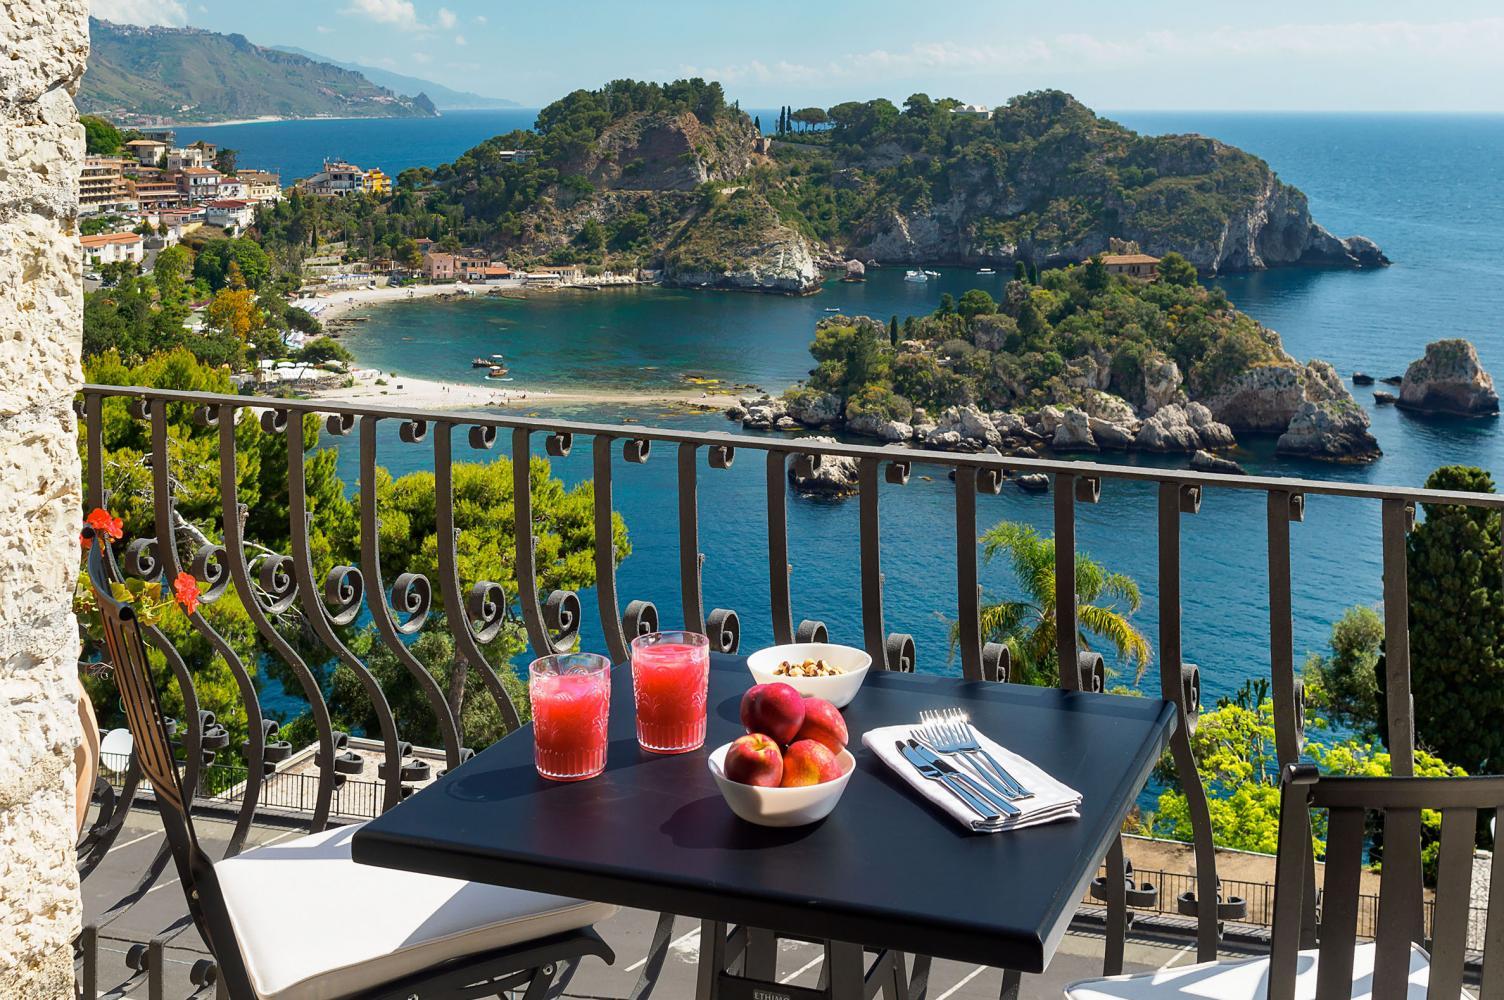 Outdoor views of the villa in Sicily